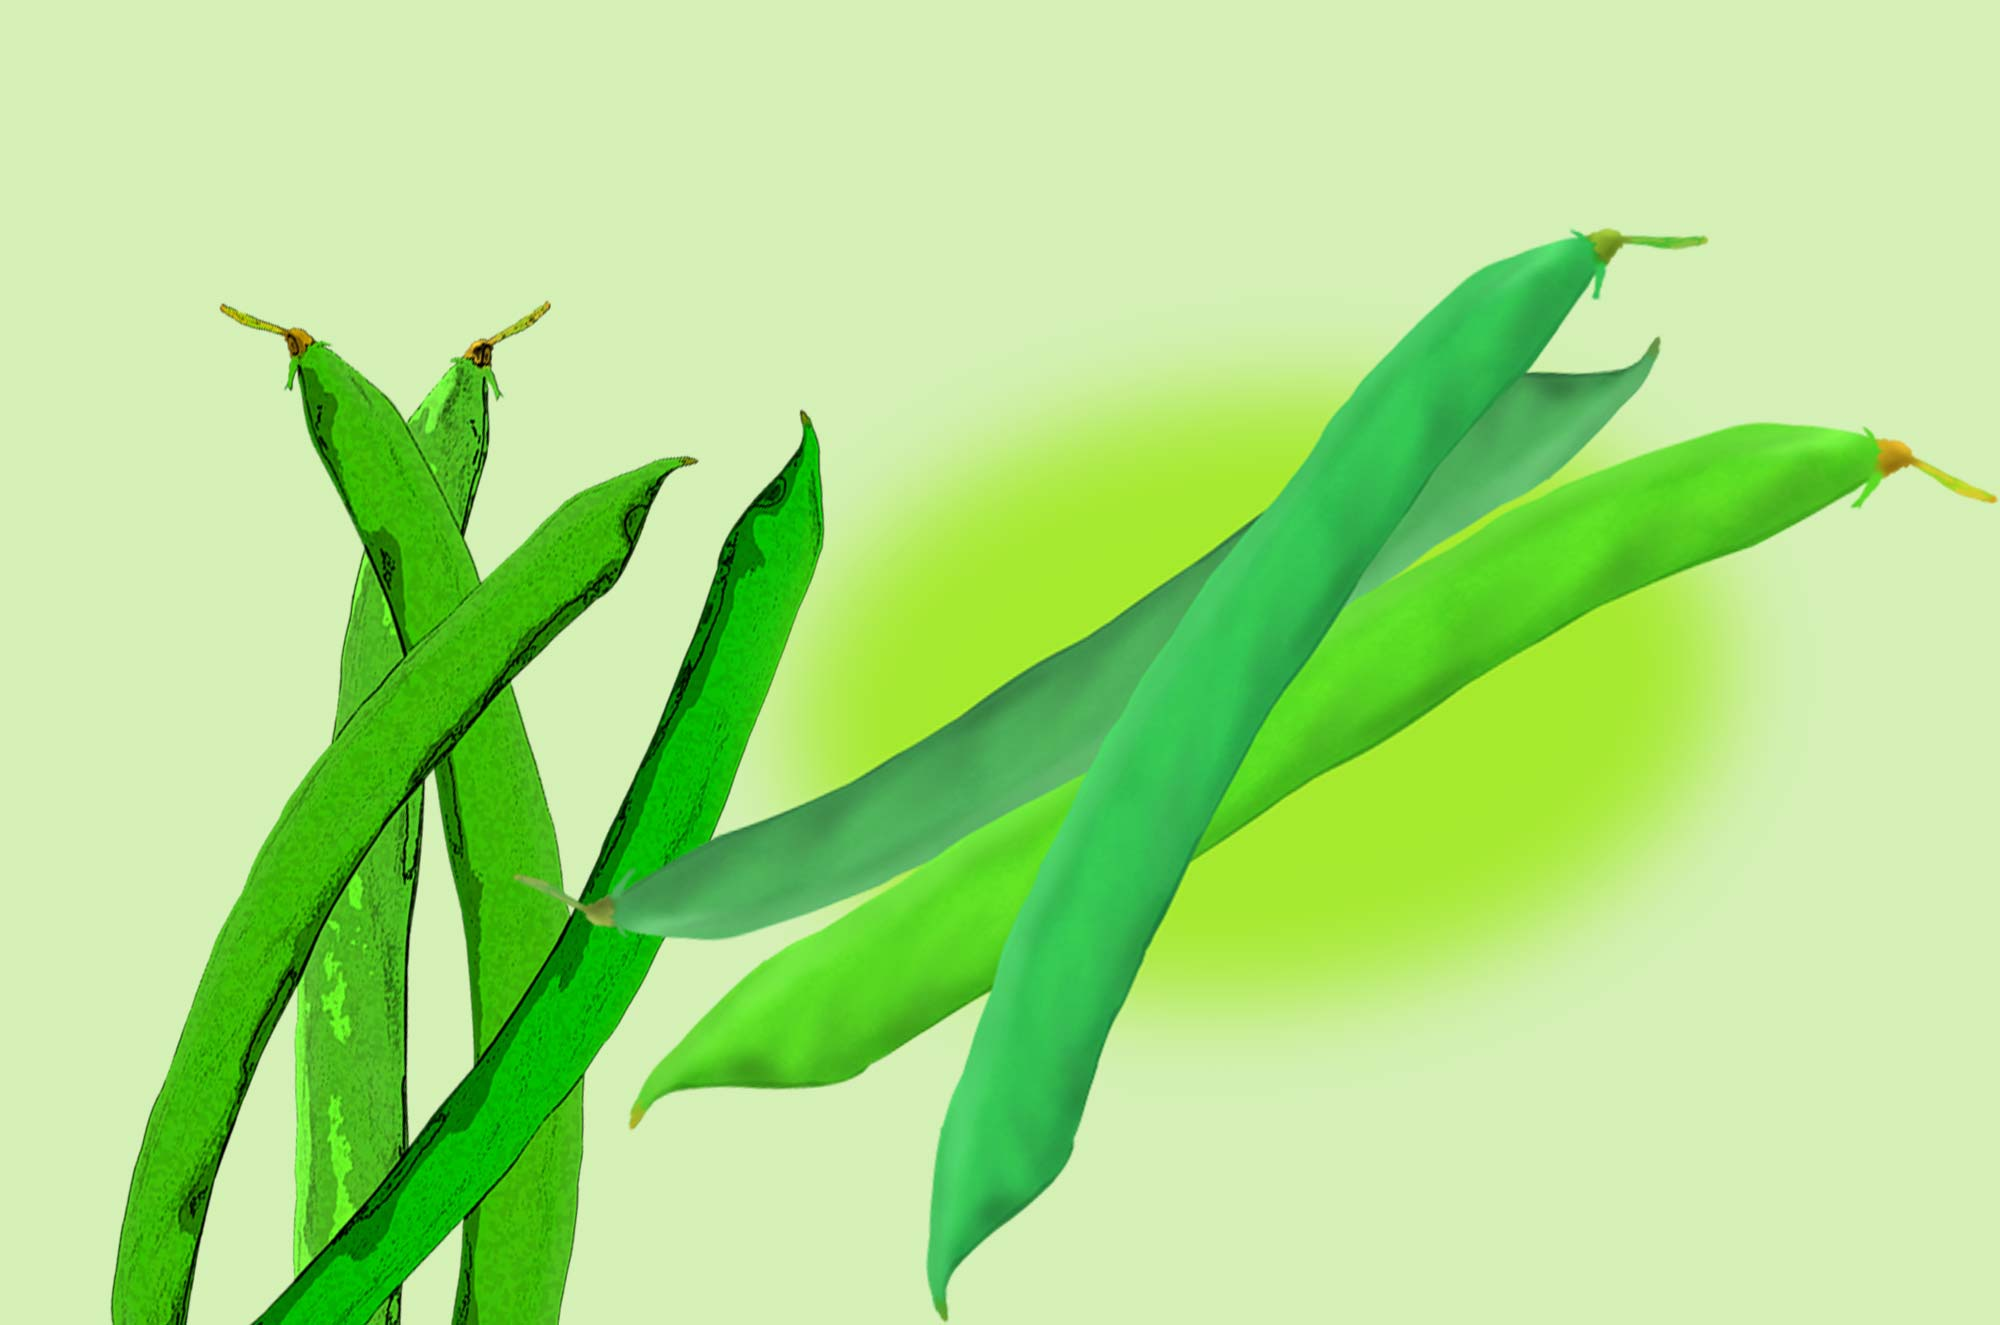 いんげん豆のイラスト - ひょろ長いマメ科の野菜無料素材